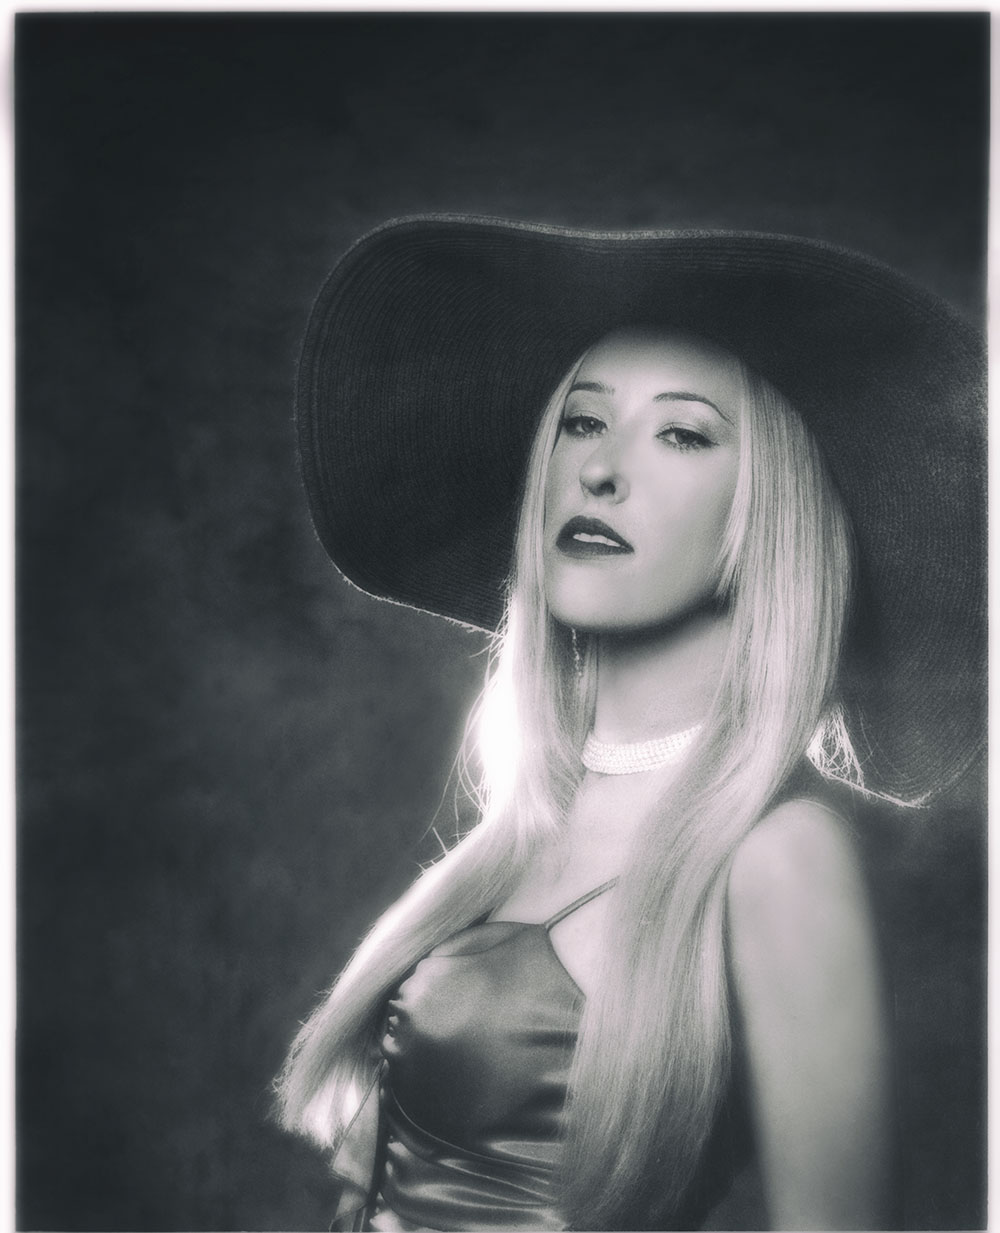 Amy S film noir classic film black and white portrait